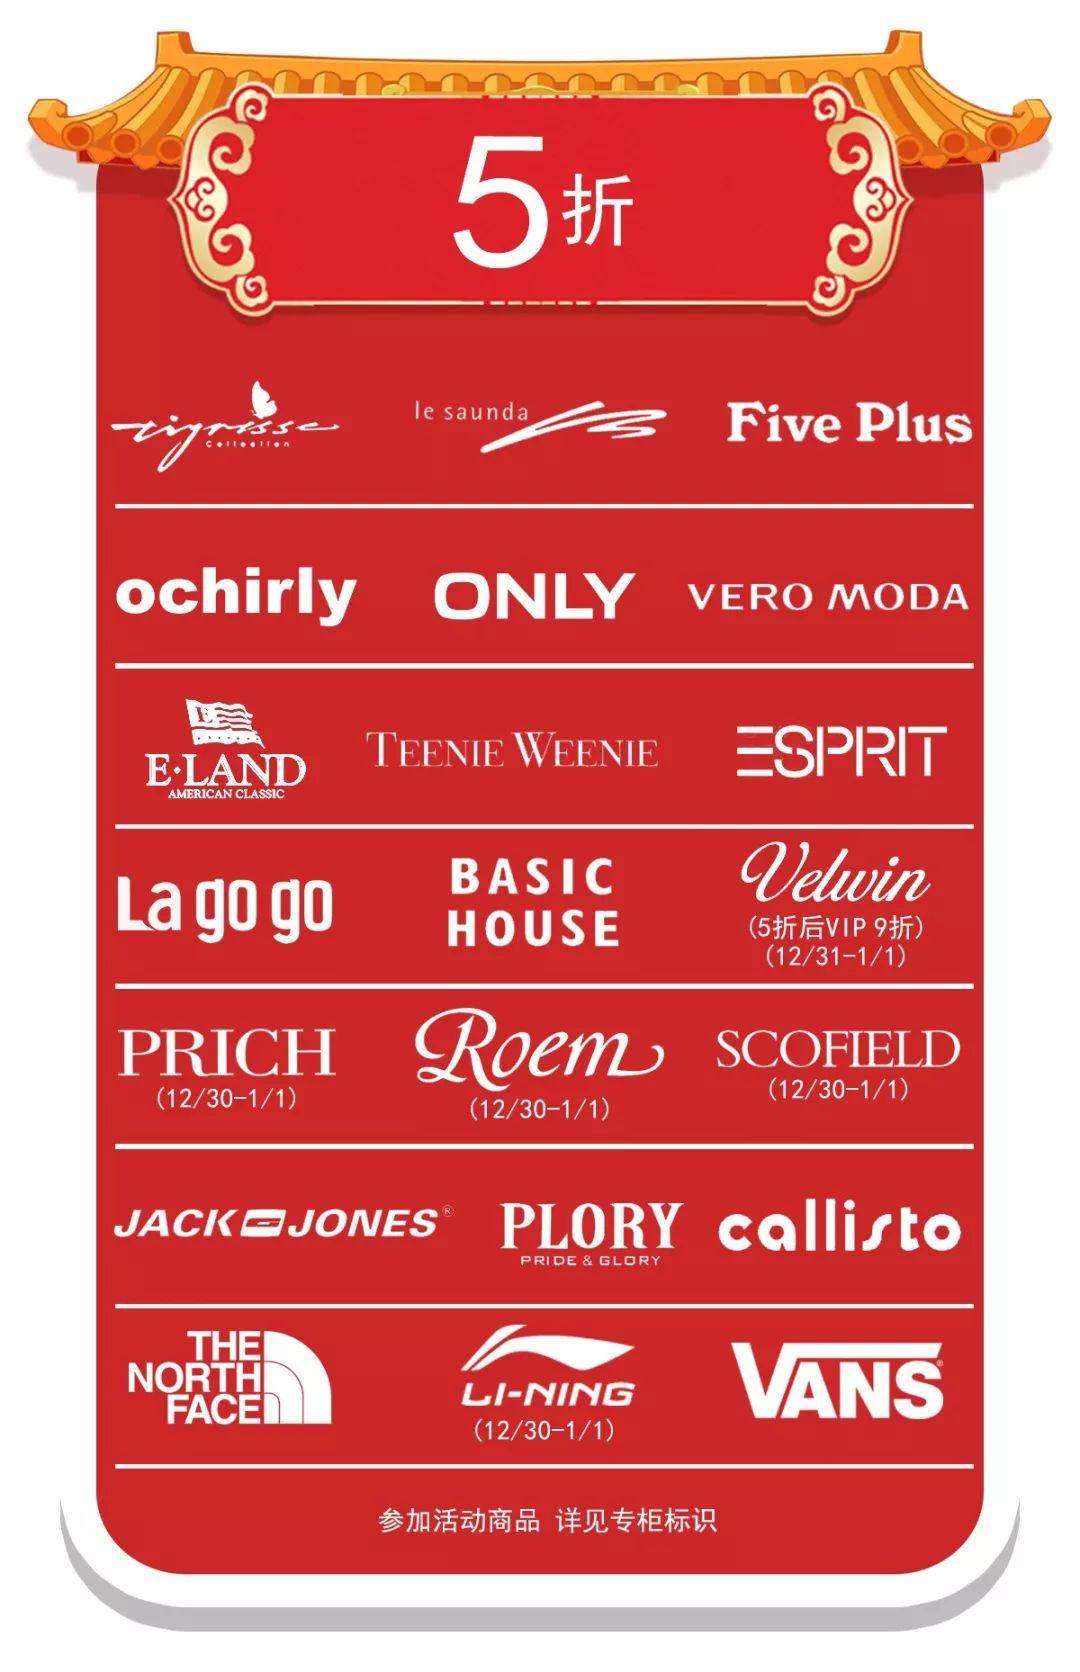 上海置地广场年末购物攻略  流行品牌3折起